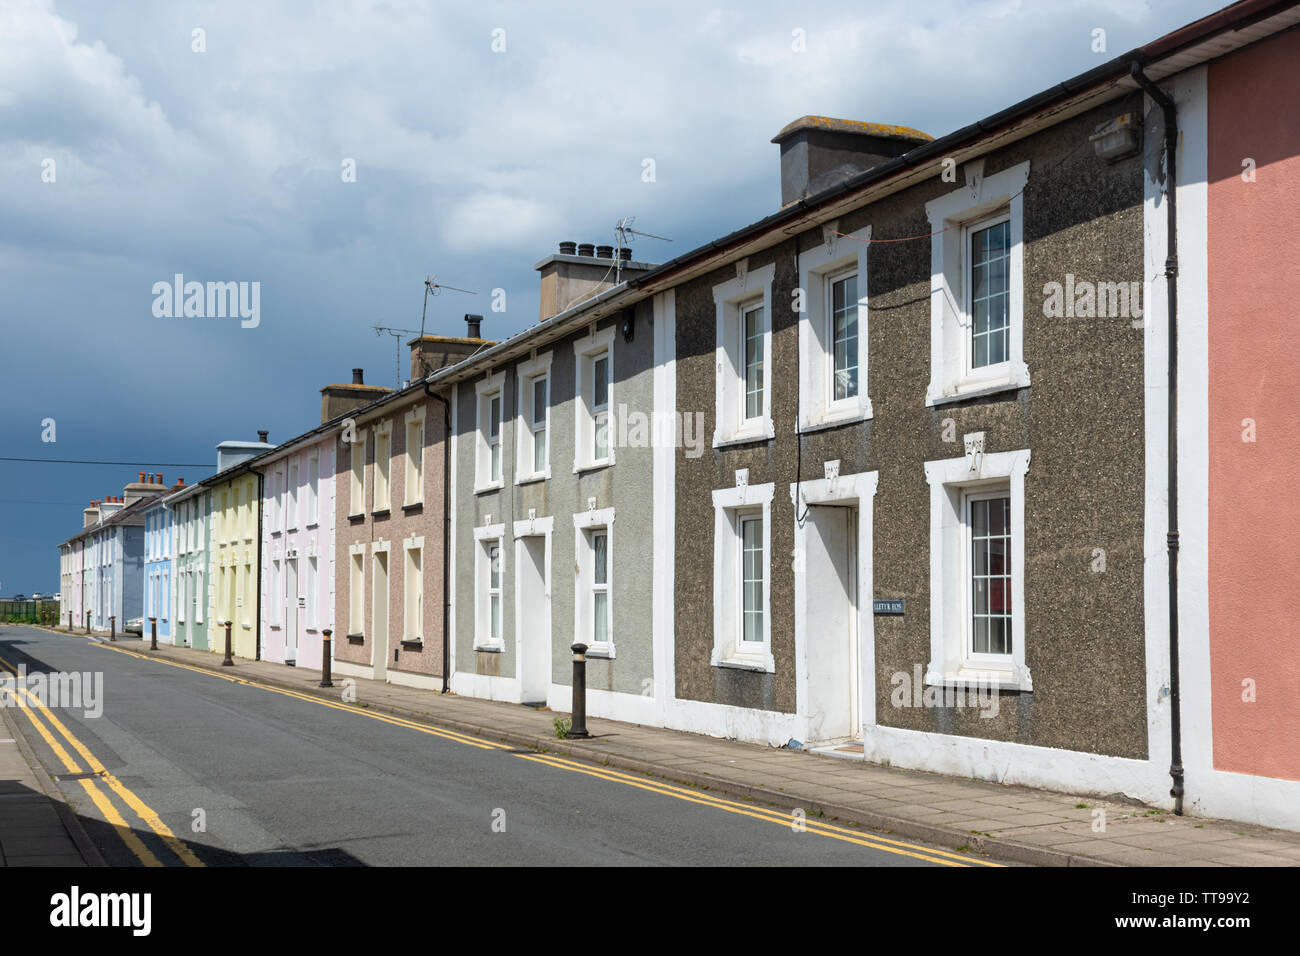 La pintoresca ciudad georgiana de Aberaeron Cardigan Bay en la costa en Ceredigion, Gales, Reino Unido, con casas pintadas de colores brillantes. Imagen De Stock